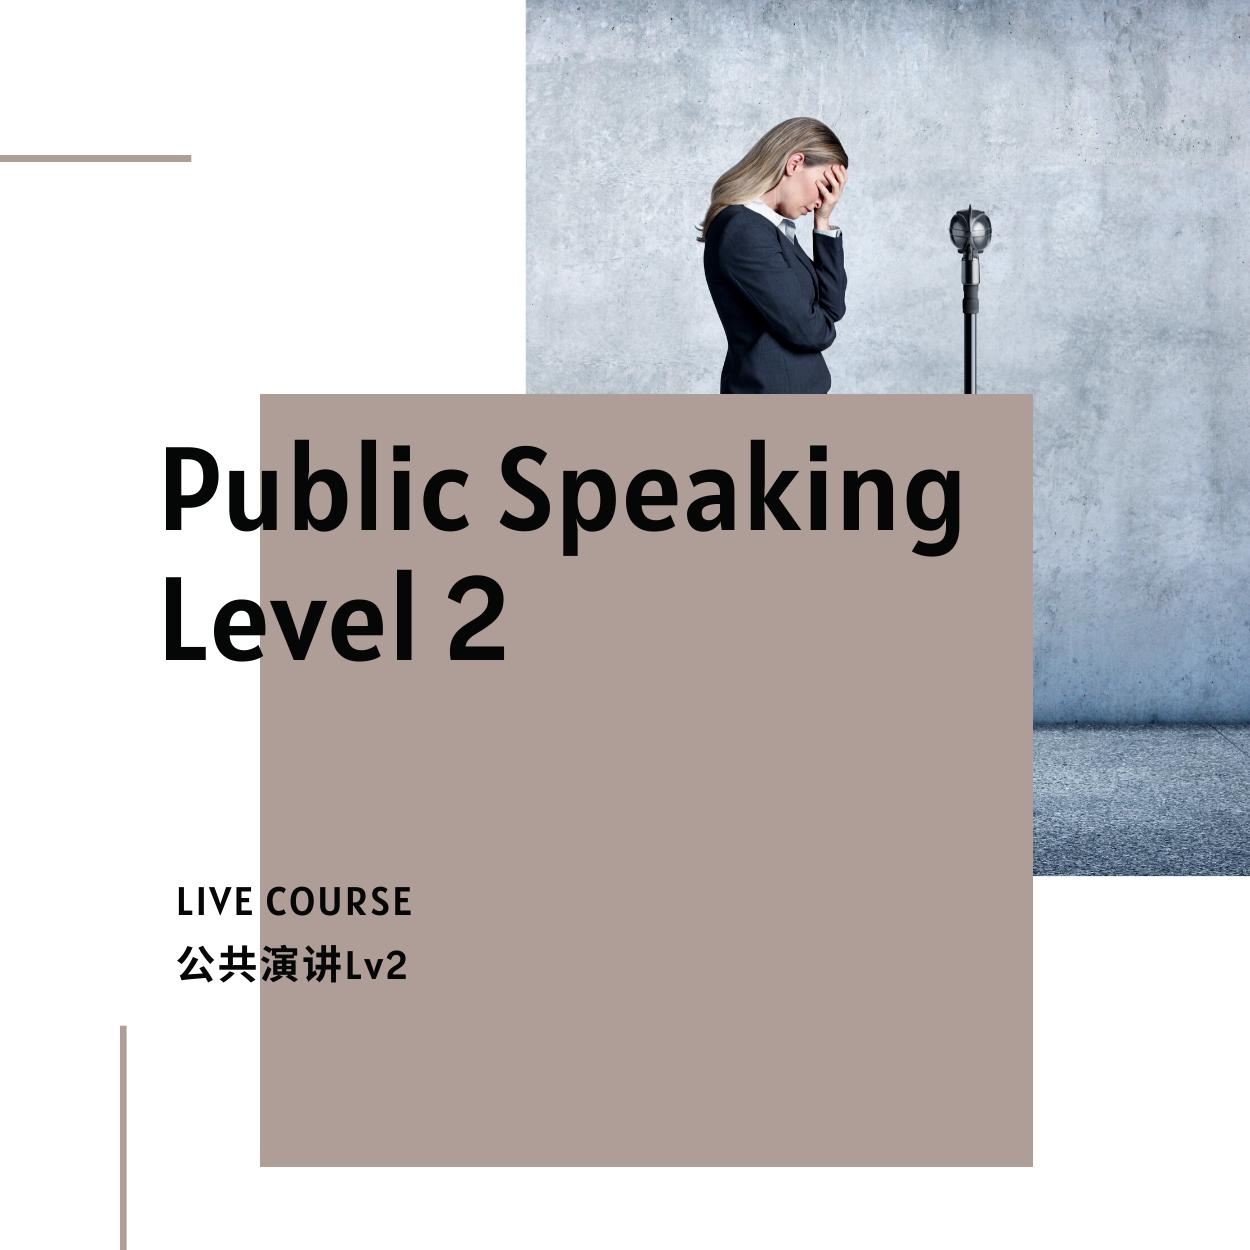 Public Speaking Course 2